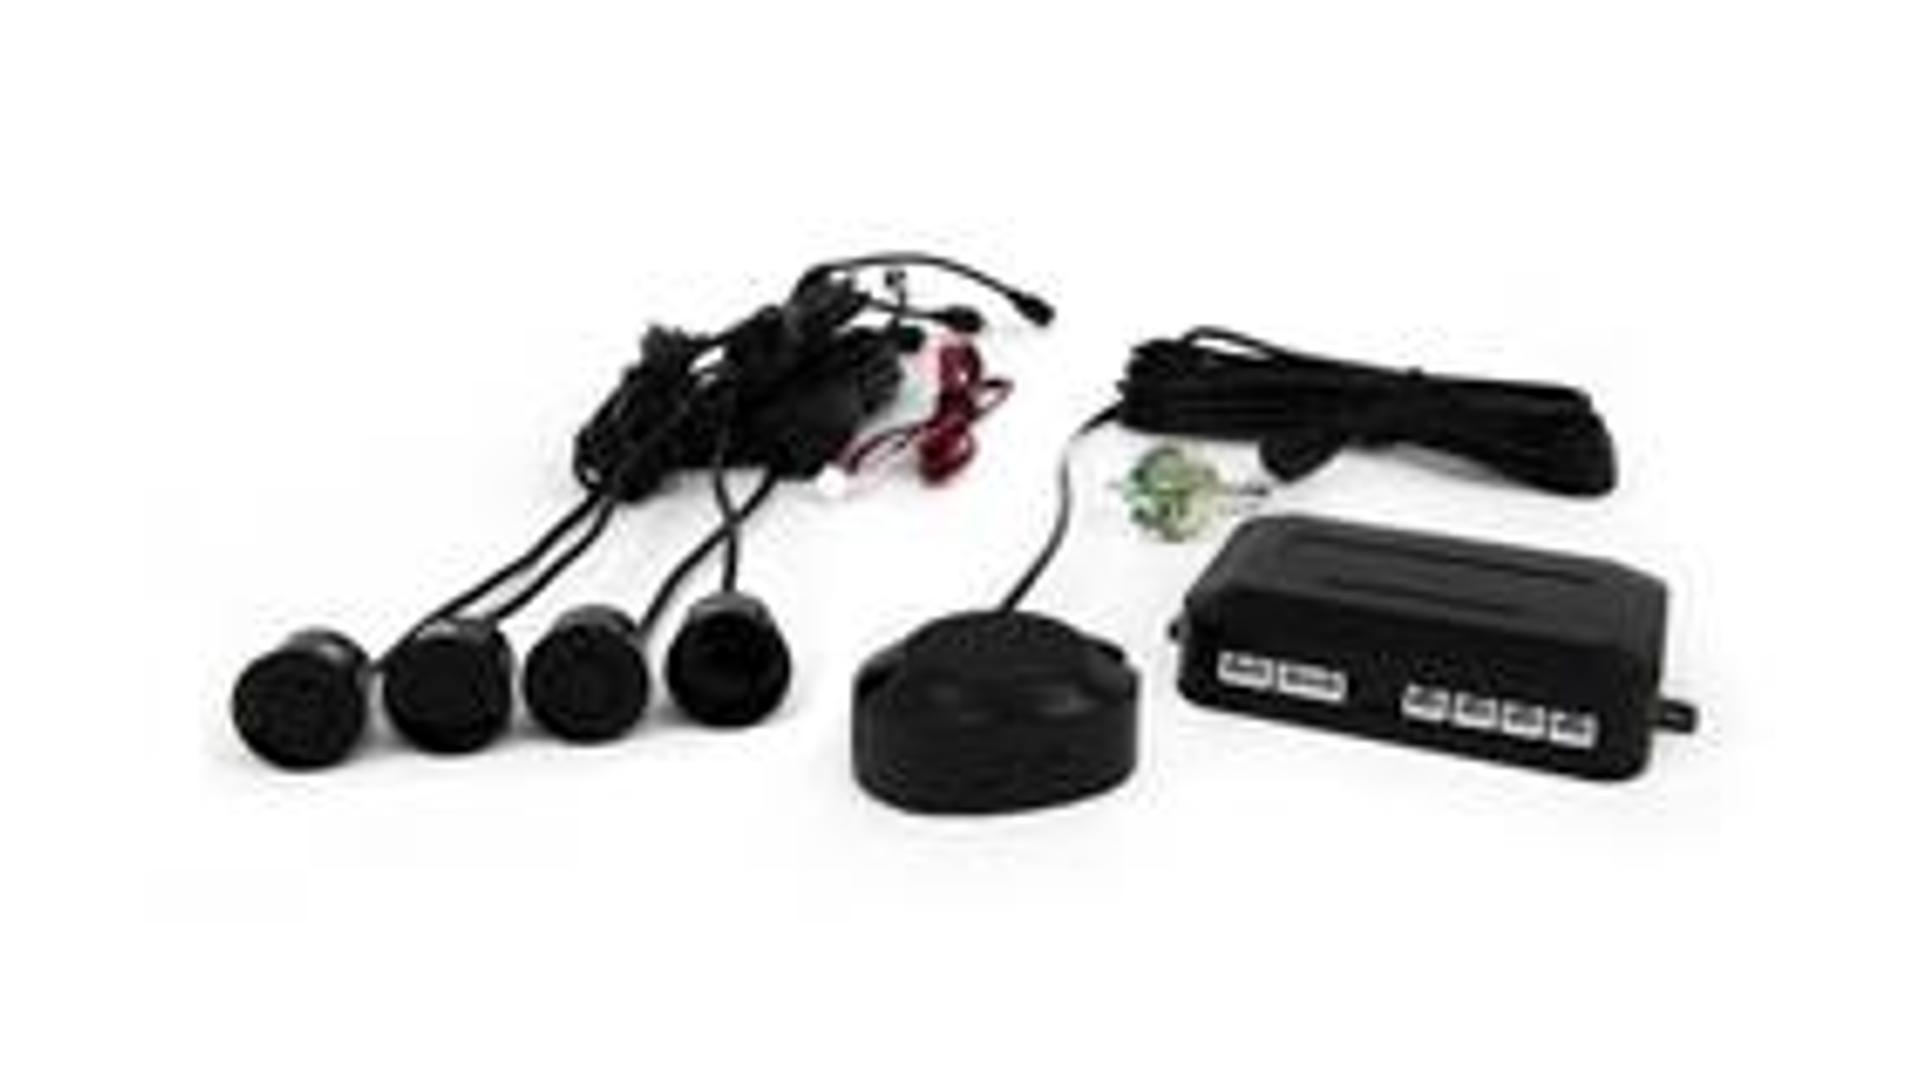 Parkovací asistent se zvukovým signalizátorem vzdálenosti, 4 senzory